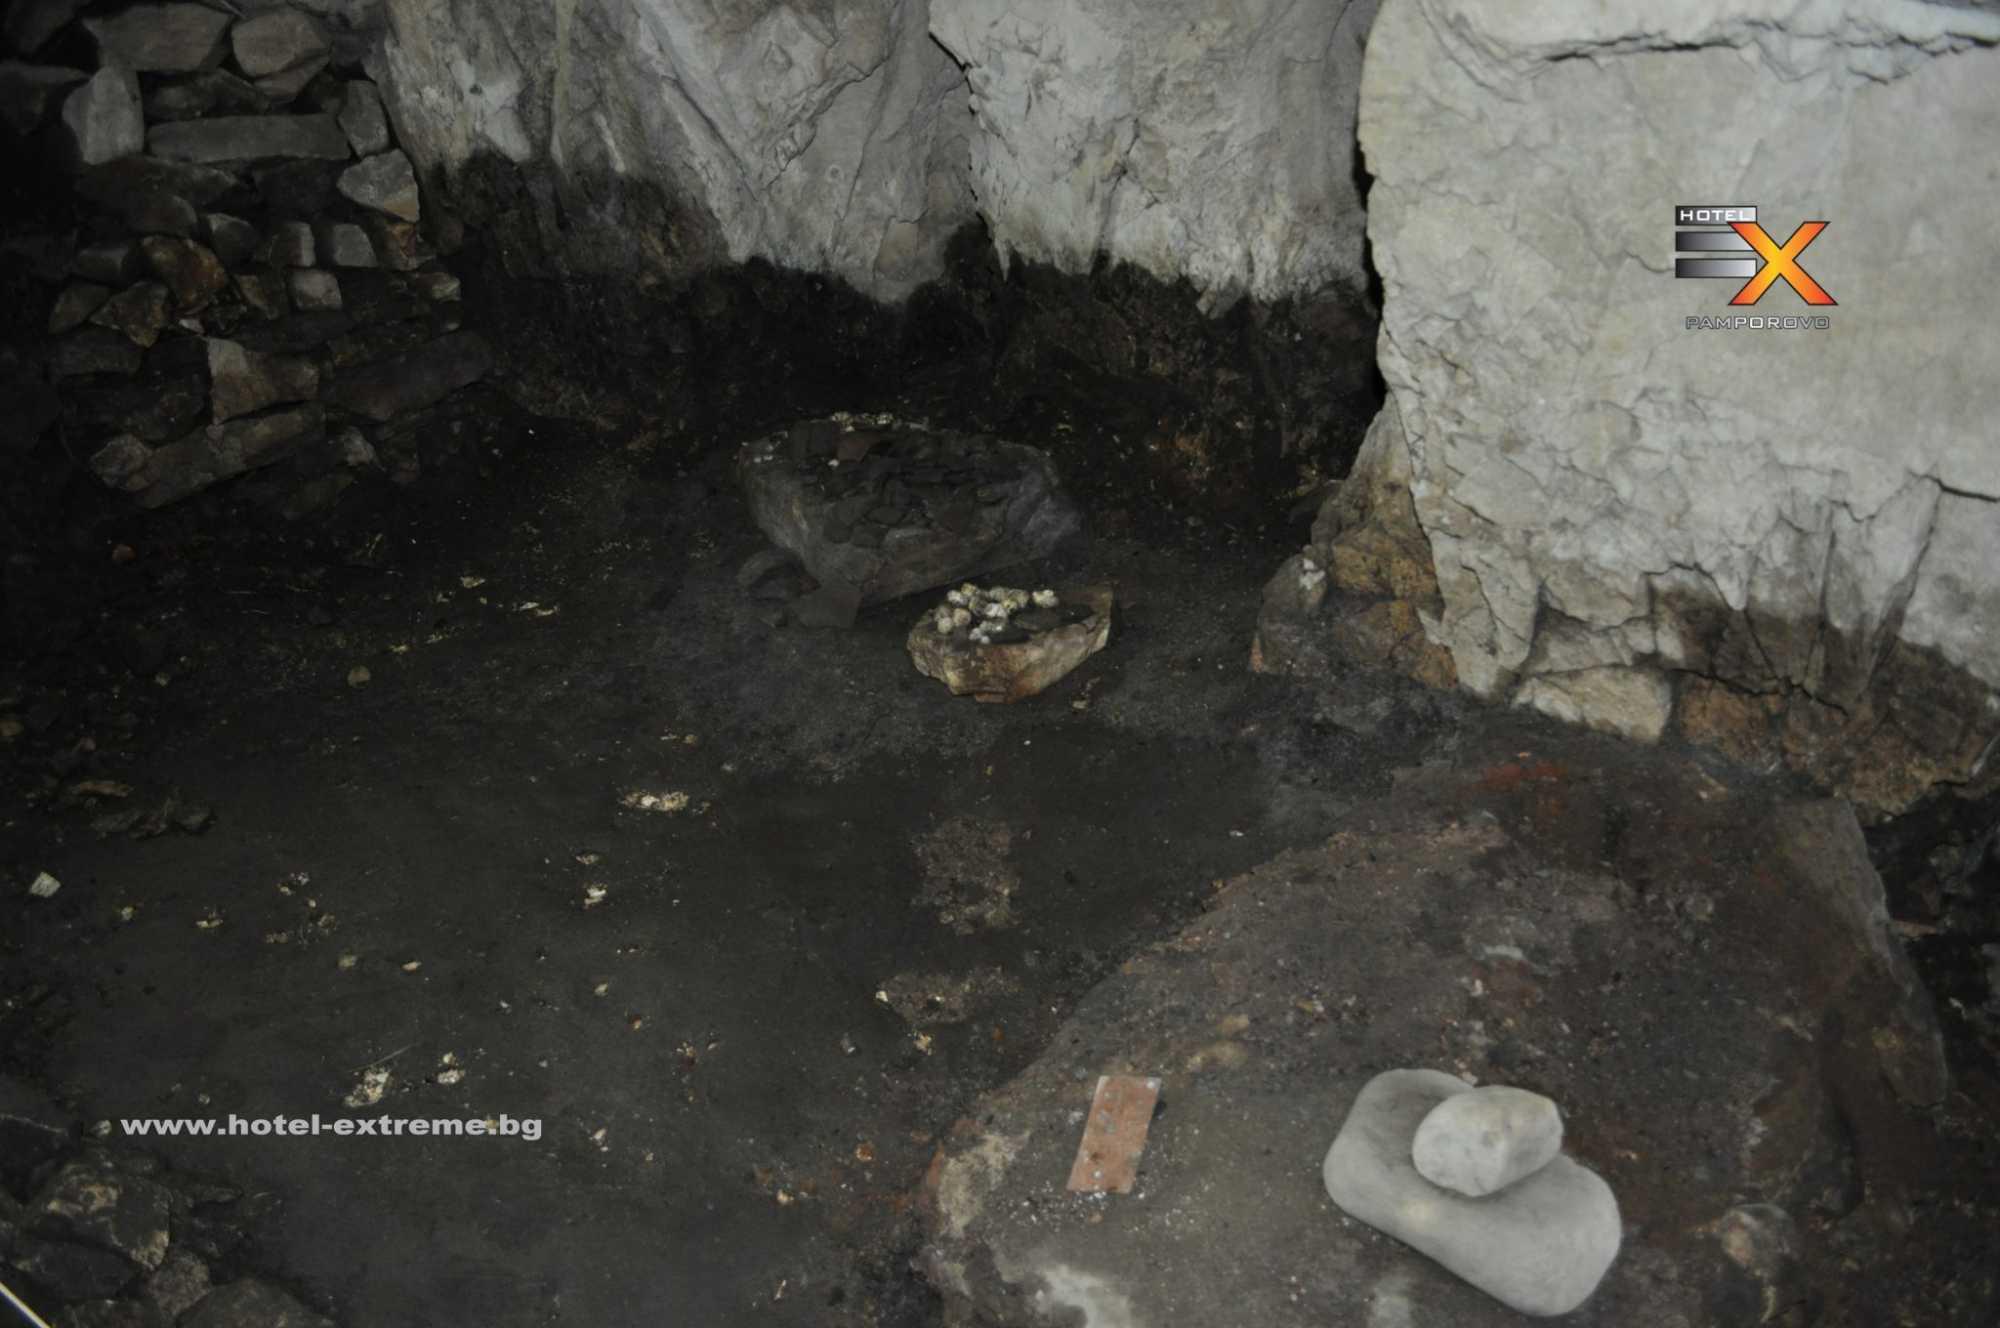 Пещерно жилище в Ягодинската пещера